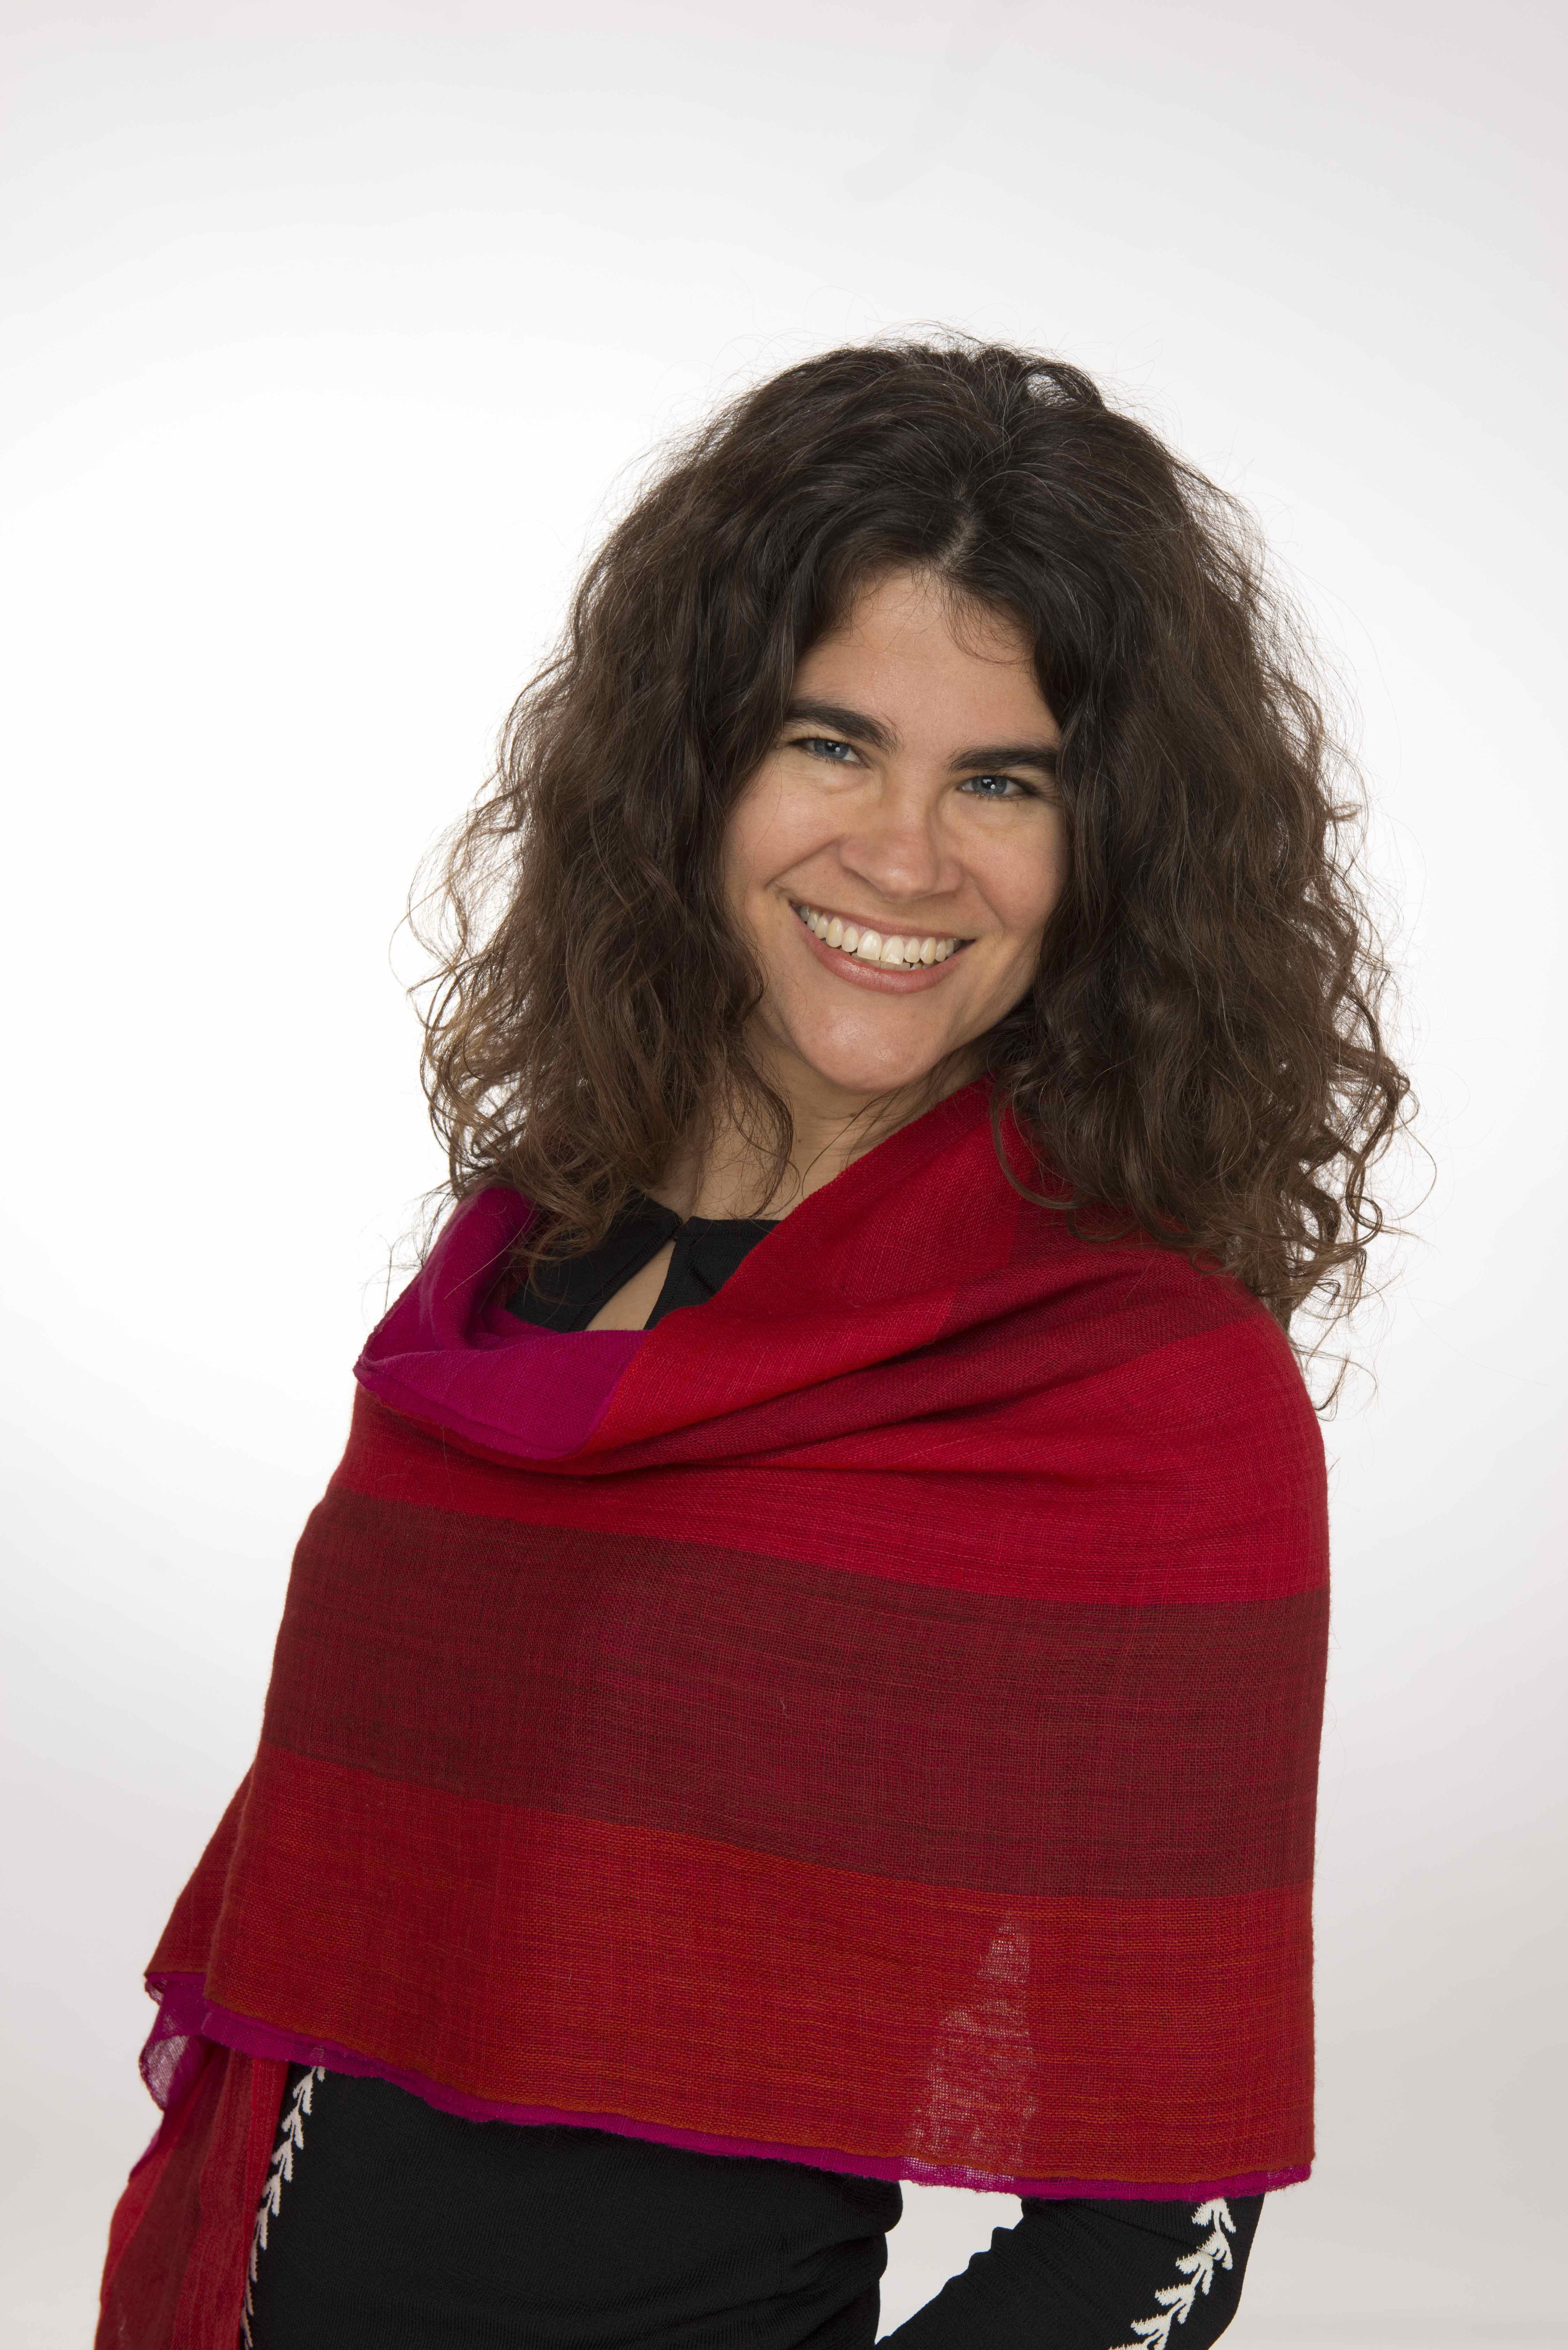 Headshot of Stephanie Elizondo Griest